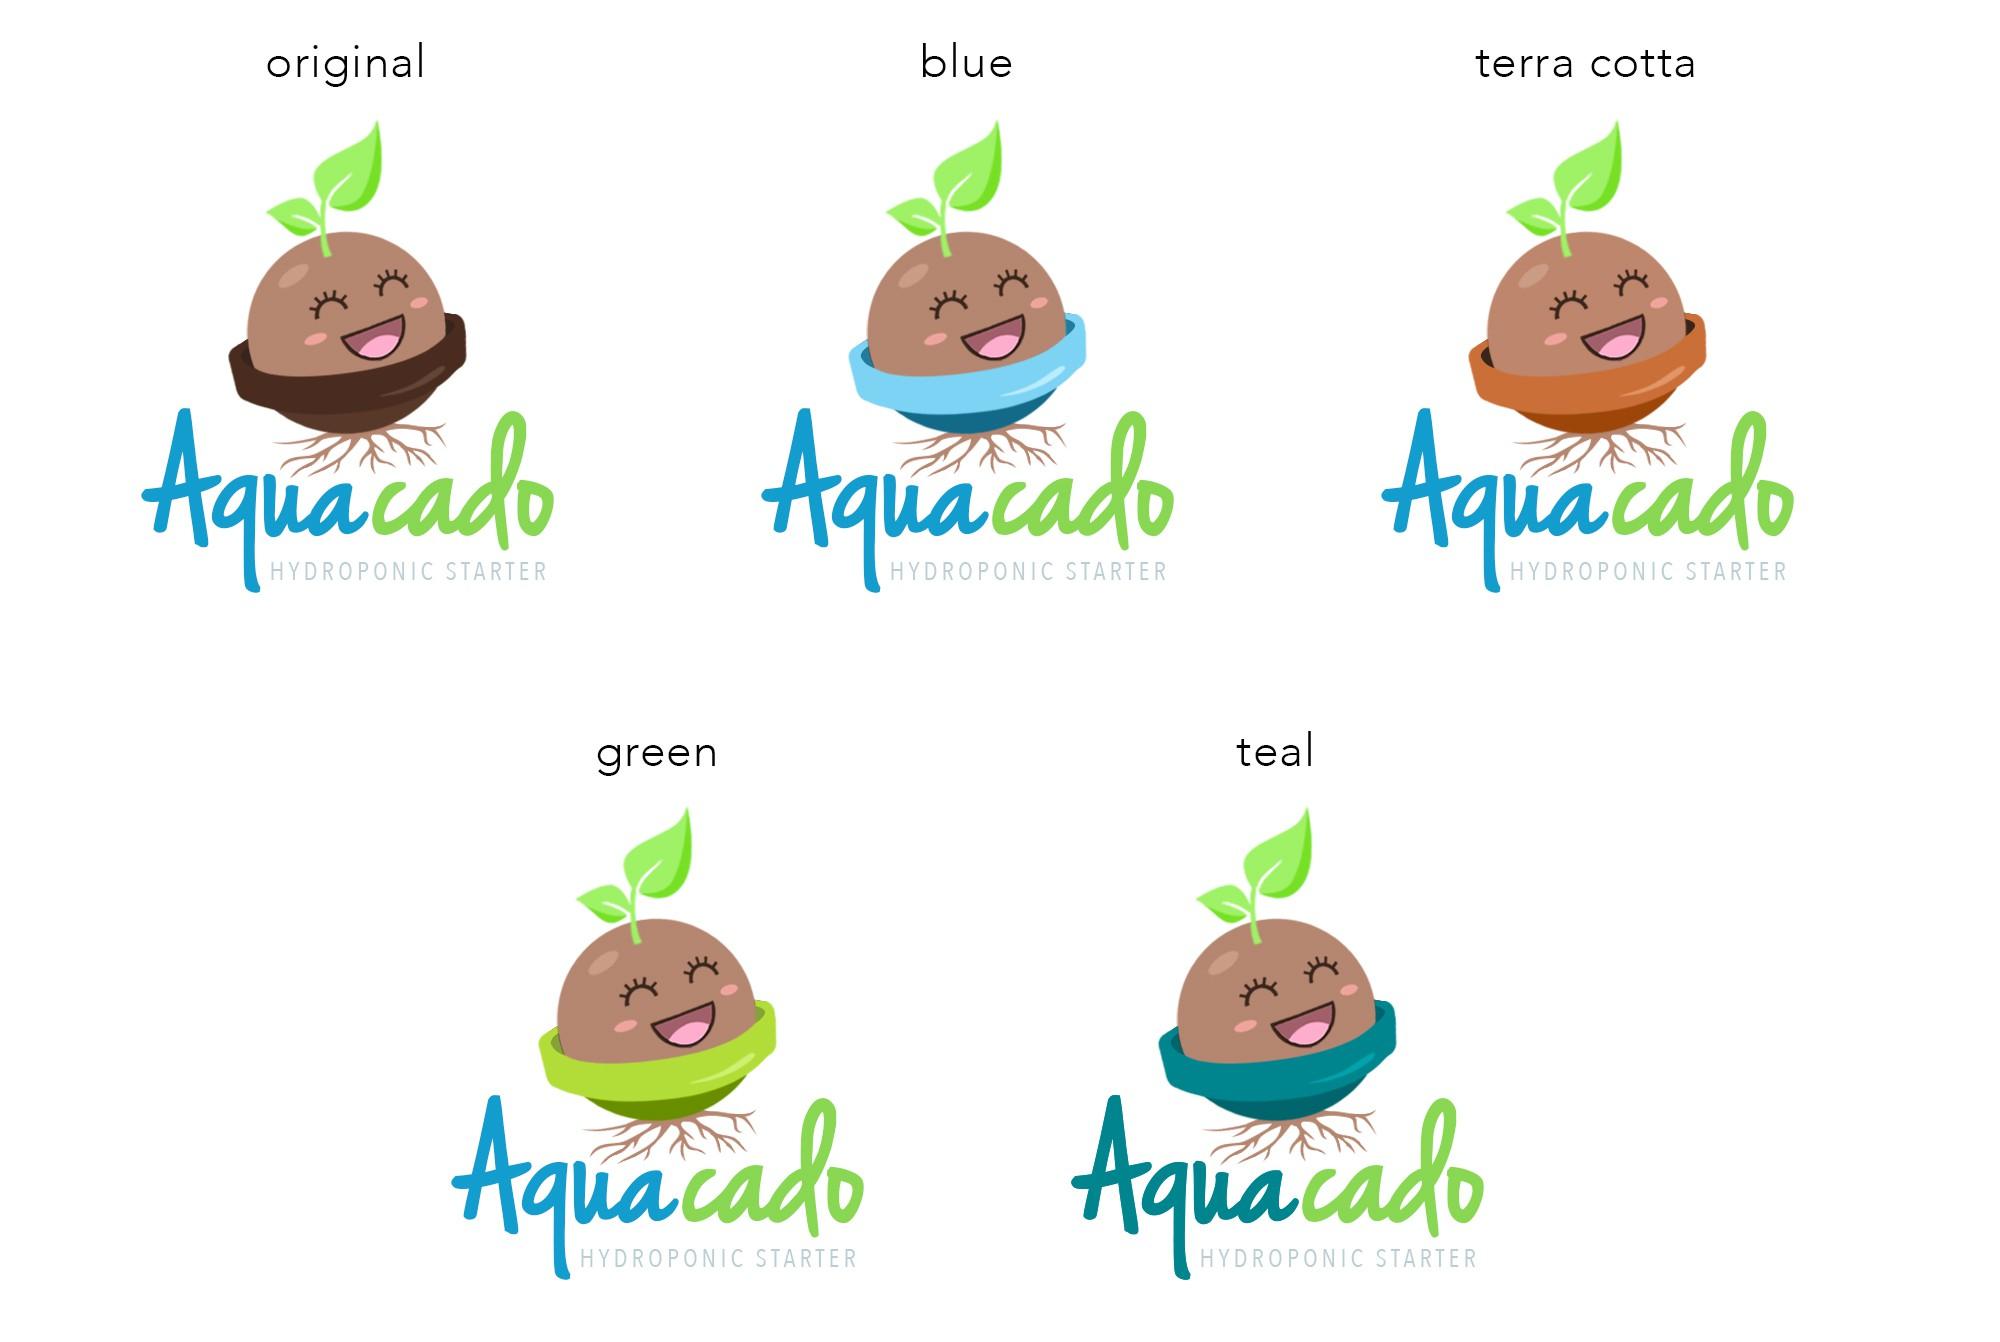 Design a fun logo for a simple avocado hydroponic device